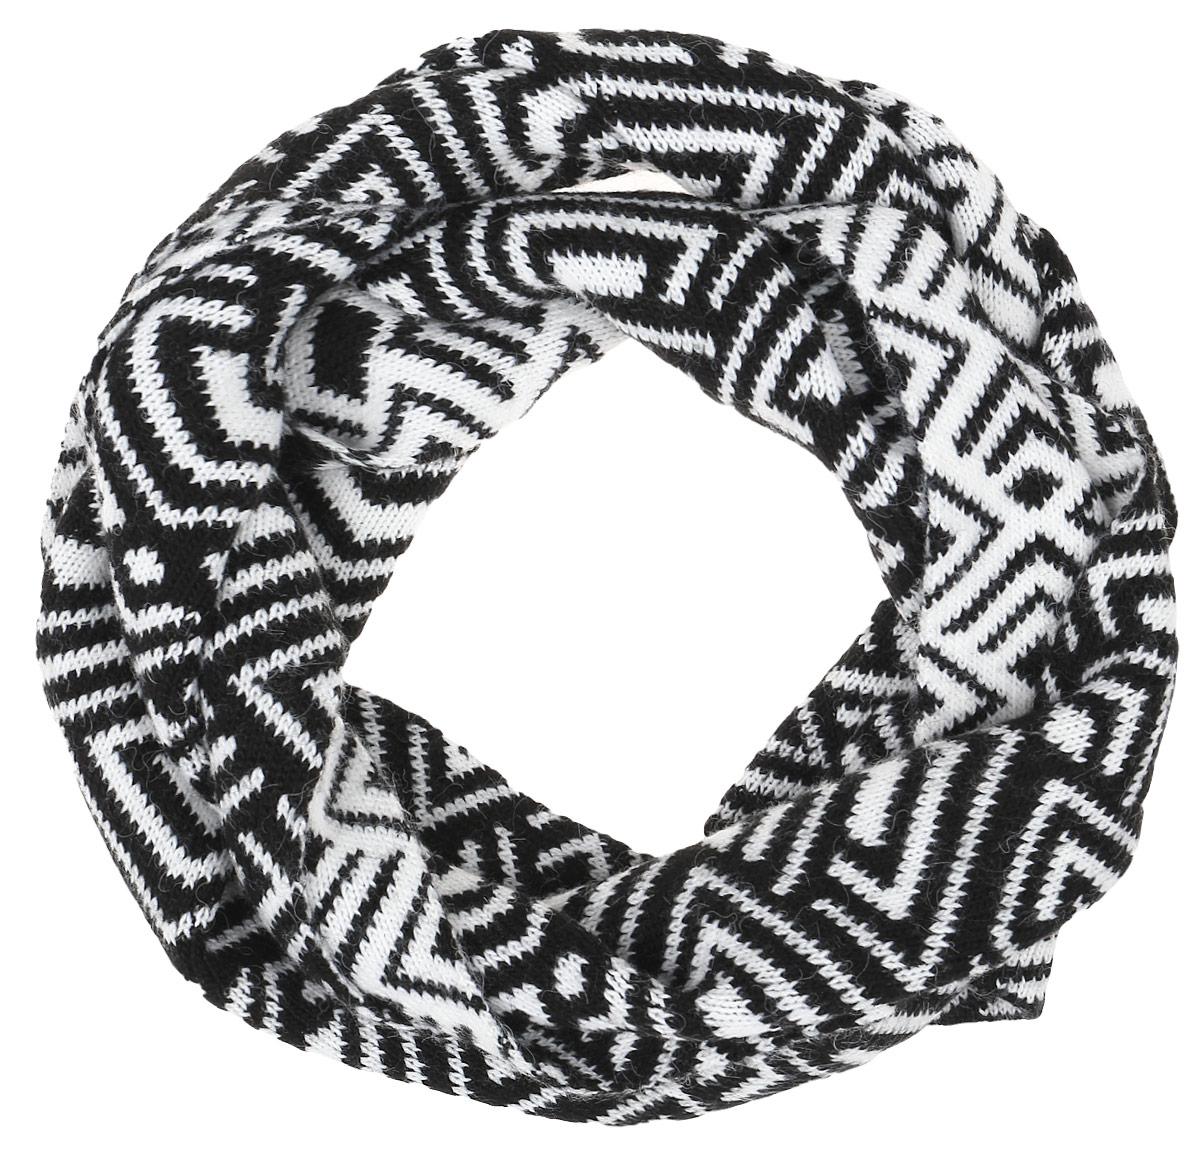 W16-32121_101Теплый женский шарф Finn Flare станет достойным завершением вашего образа. Шарф изготовлен из сочетания высококачественного акрила и теплой шерсти. Модель оформлена контрастным принтом.